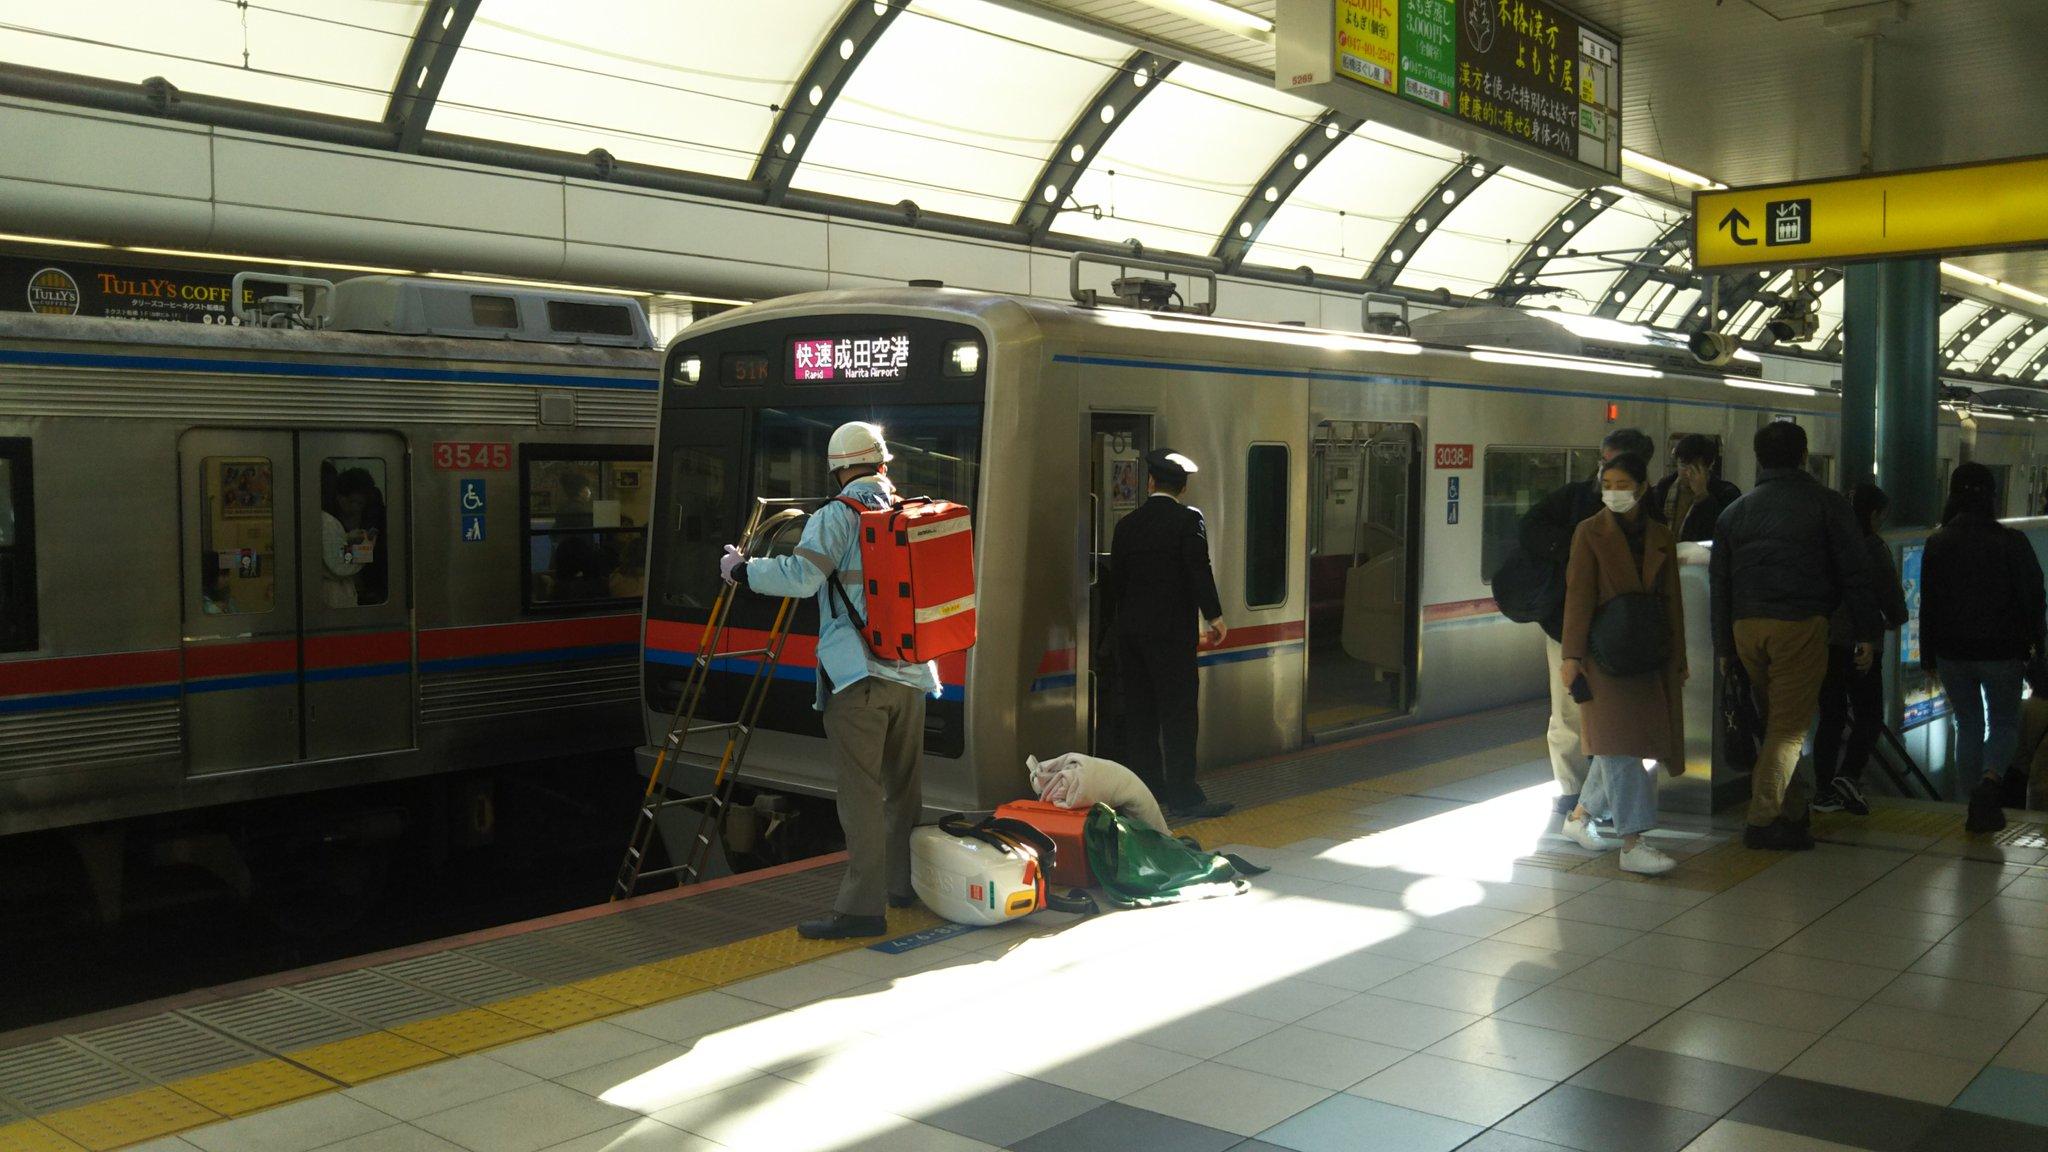 京成船橋駅で人身事故が起き救護活動している現場の画像